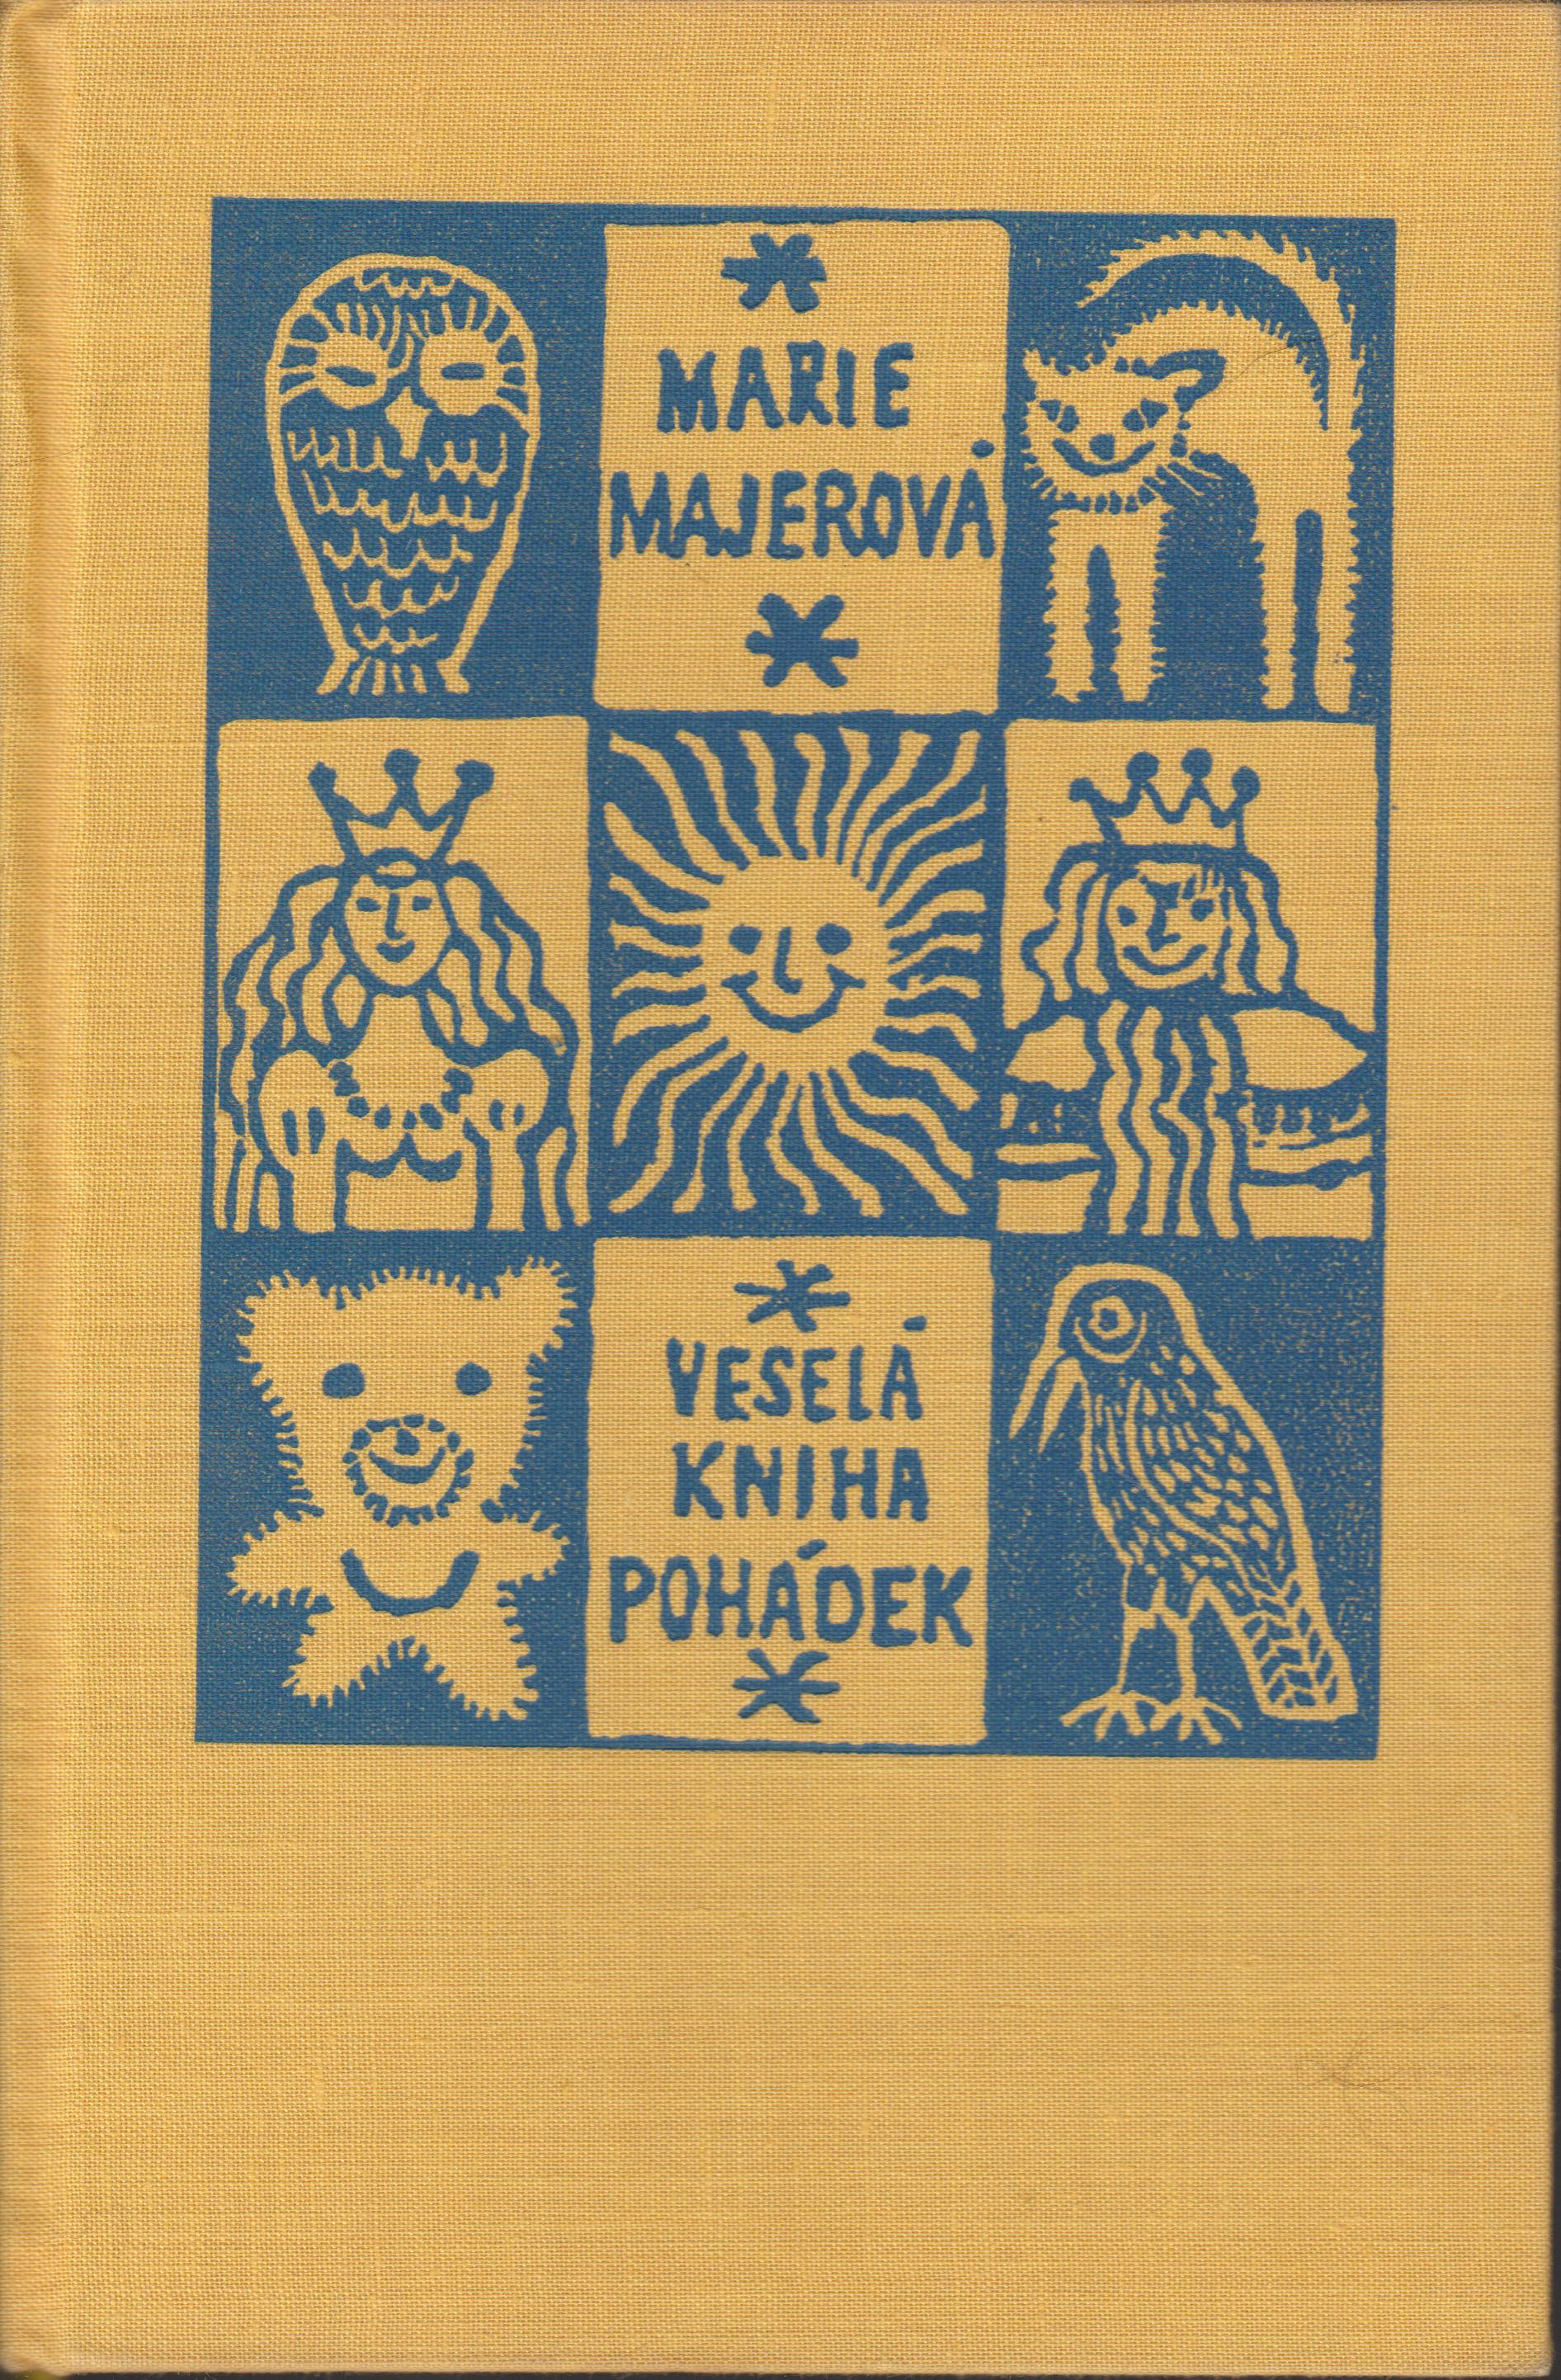 Veselá kniha pohádek - Marie Majerová